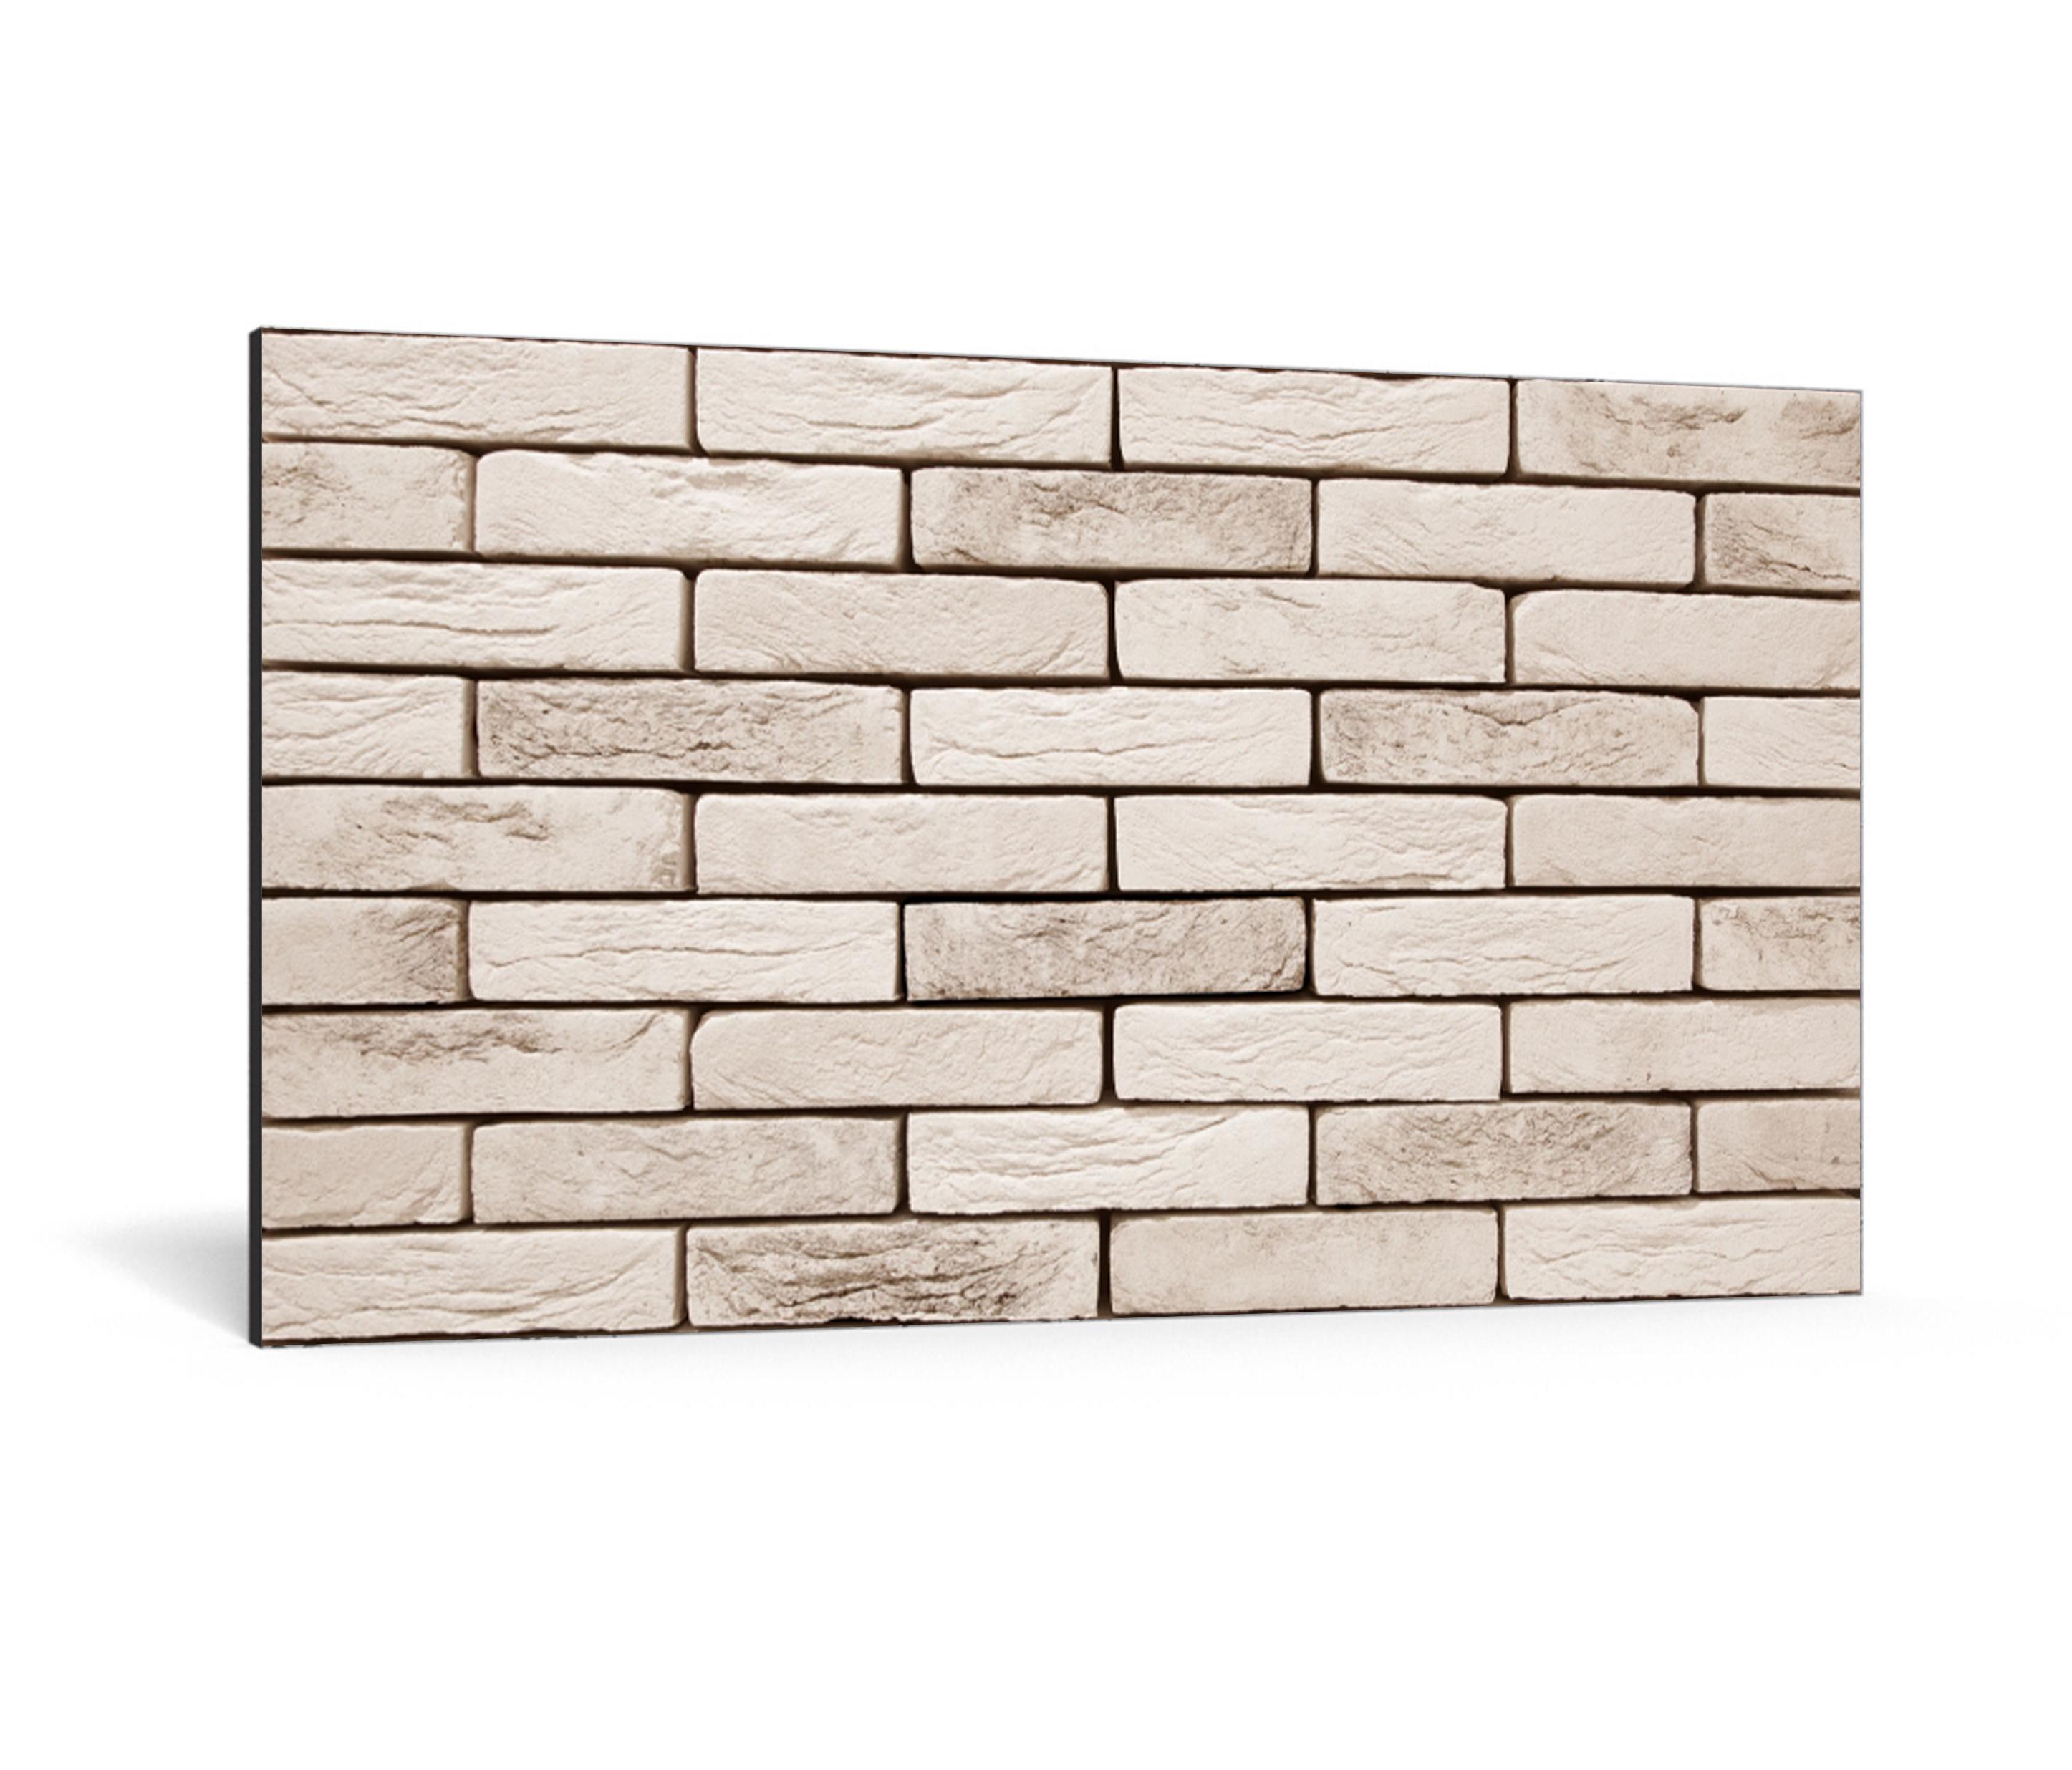 Wspaniały Imitacja Cegły Panel 3d 100cm x 50cm - INTERDEK.pl - CENTRUM EF05